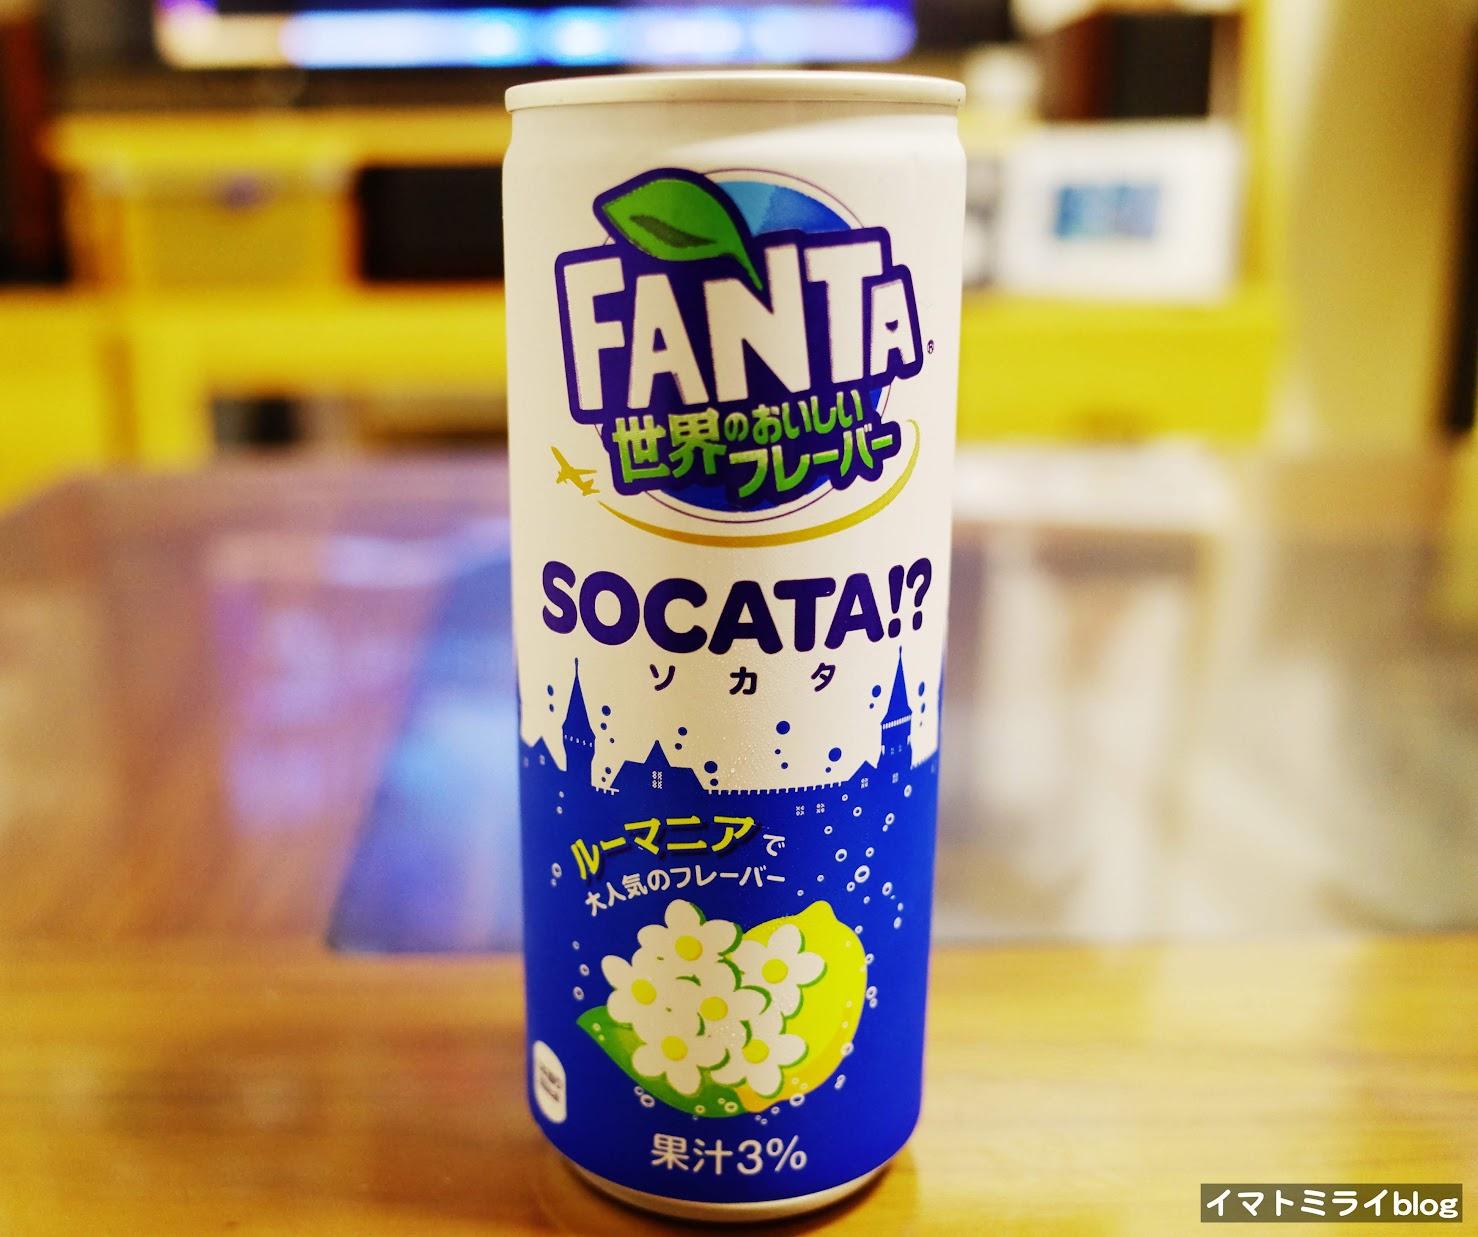 Fantaの世界の美味しいフレーバーのソカタ